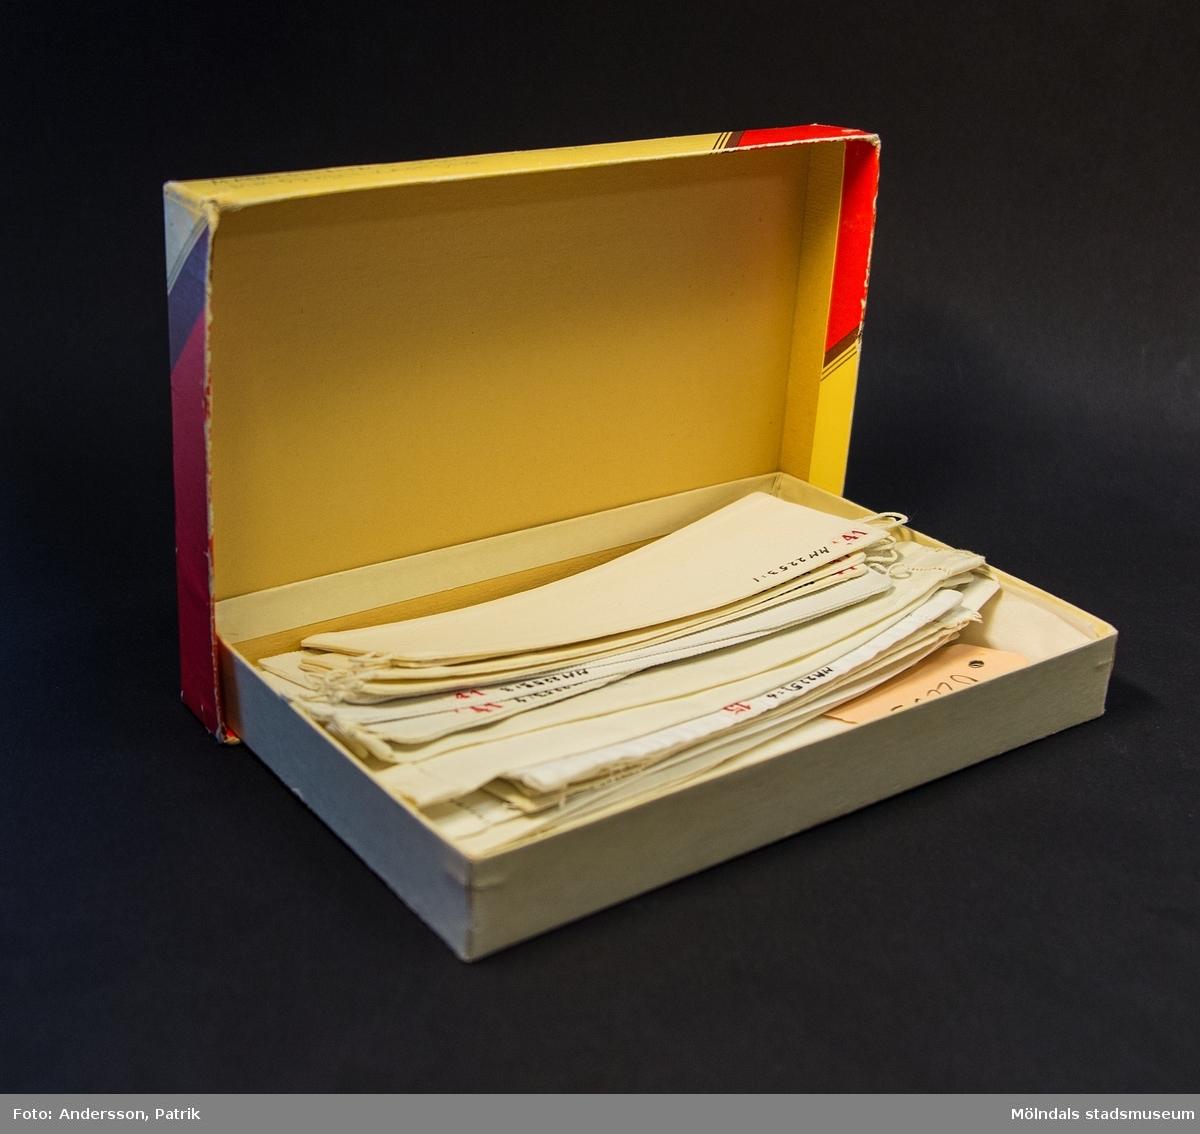 Chokladask med lock av papp. Gul kartong med röda, bruna och guldfärgade detaljer samt en ros. Text i rött: Cloettalogo, i brunt och guld: BRISTOL PRALINER. På undersidan asken finns en etikett: 1039 BRISTOL, Innehåller Roxy-praliner, Nettovikt 250 gr, Konsumentpris 2:40. Kartongen med tillhörande lösmanchetter (02253:1-12) har använts av vårdarinnan Karin Hasselberg på Stretered.